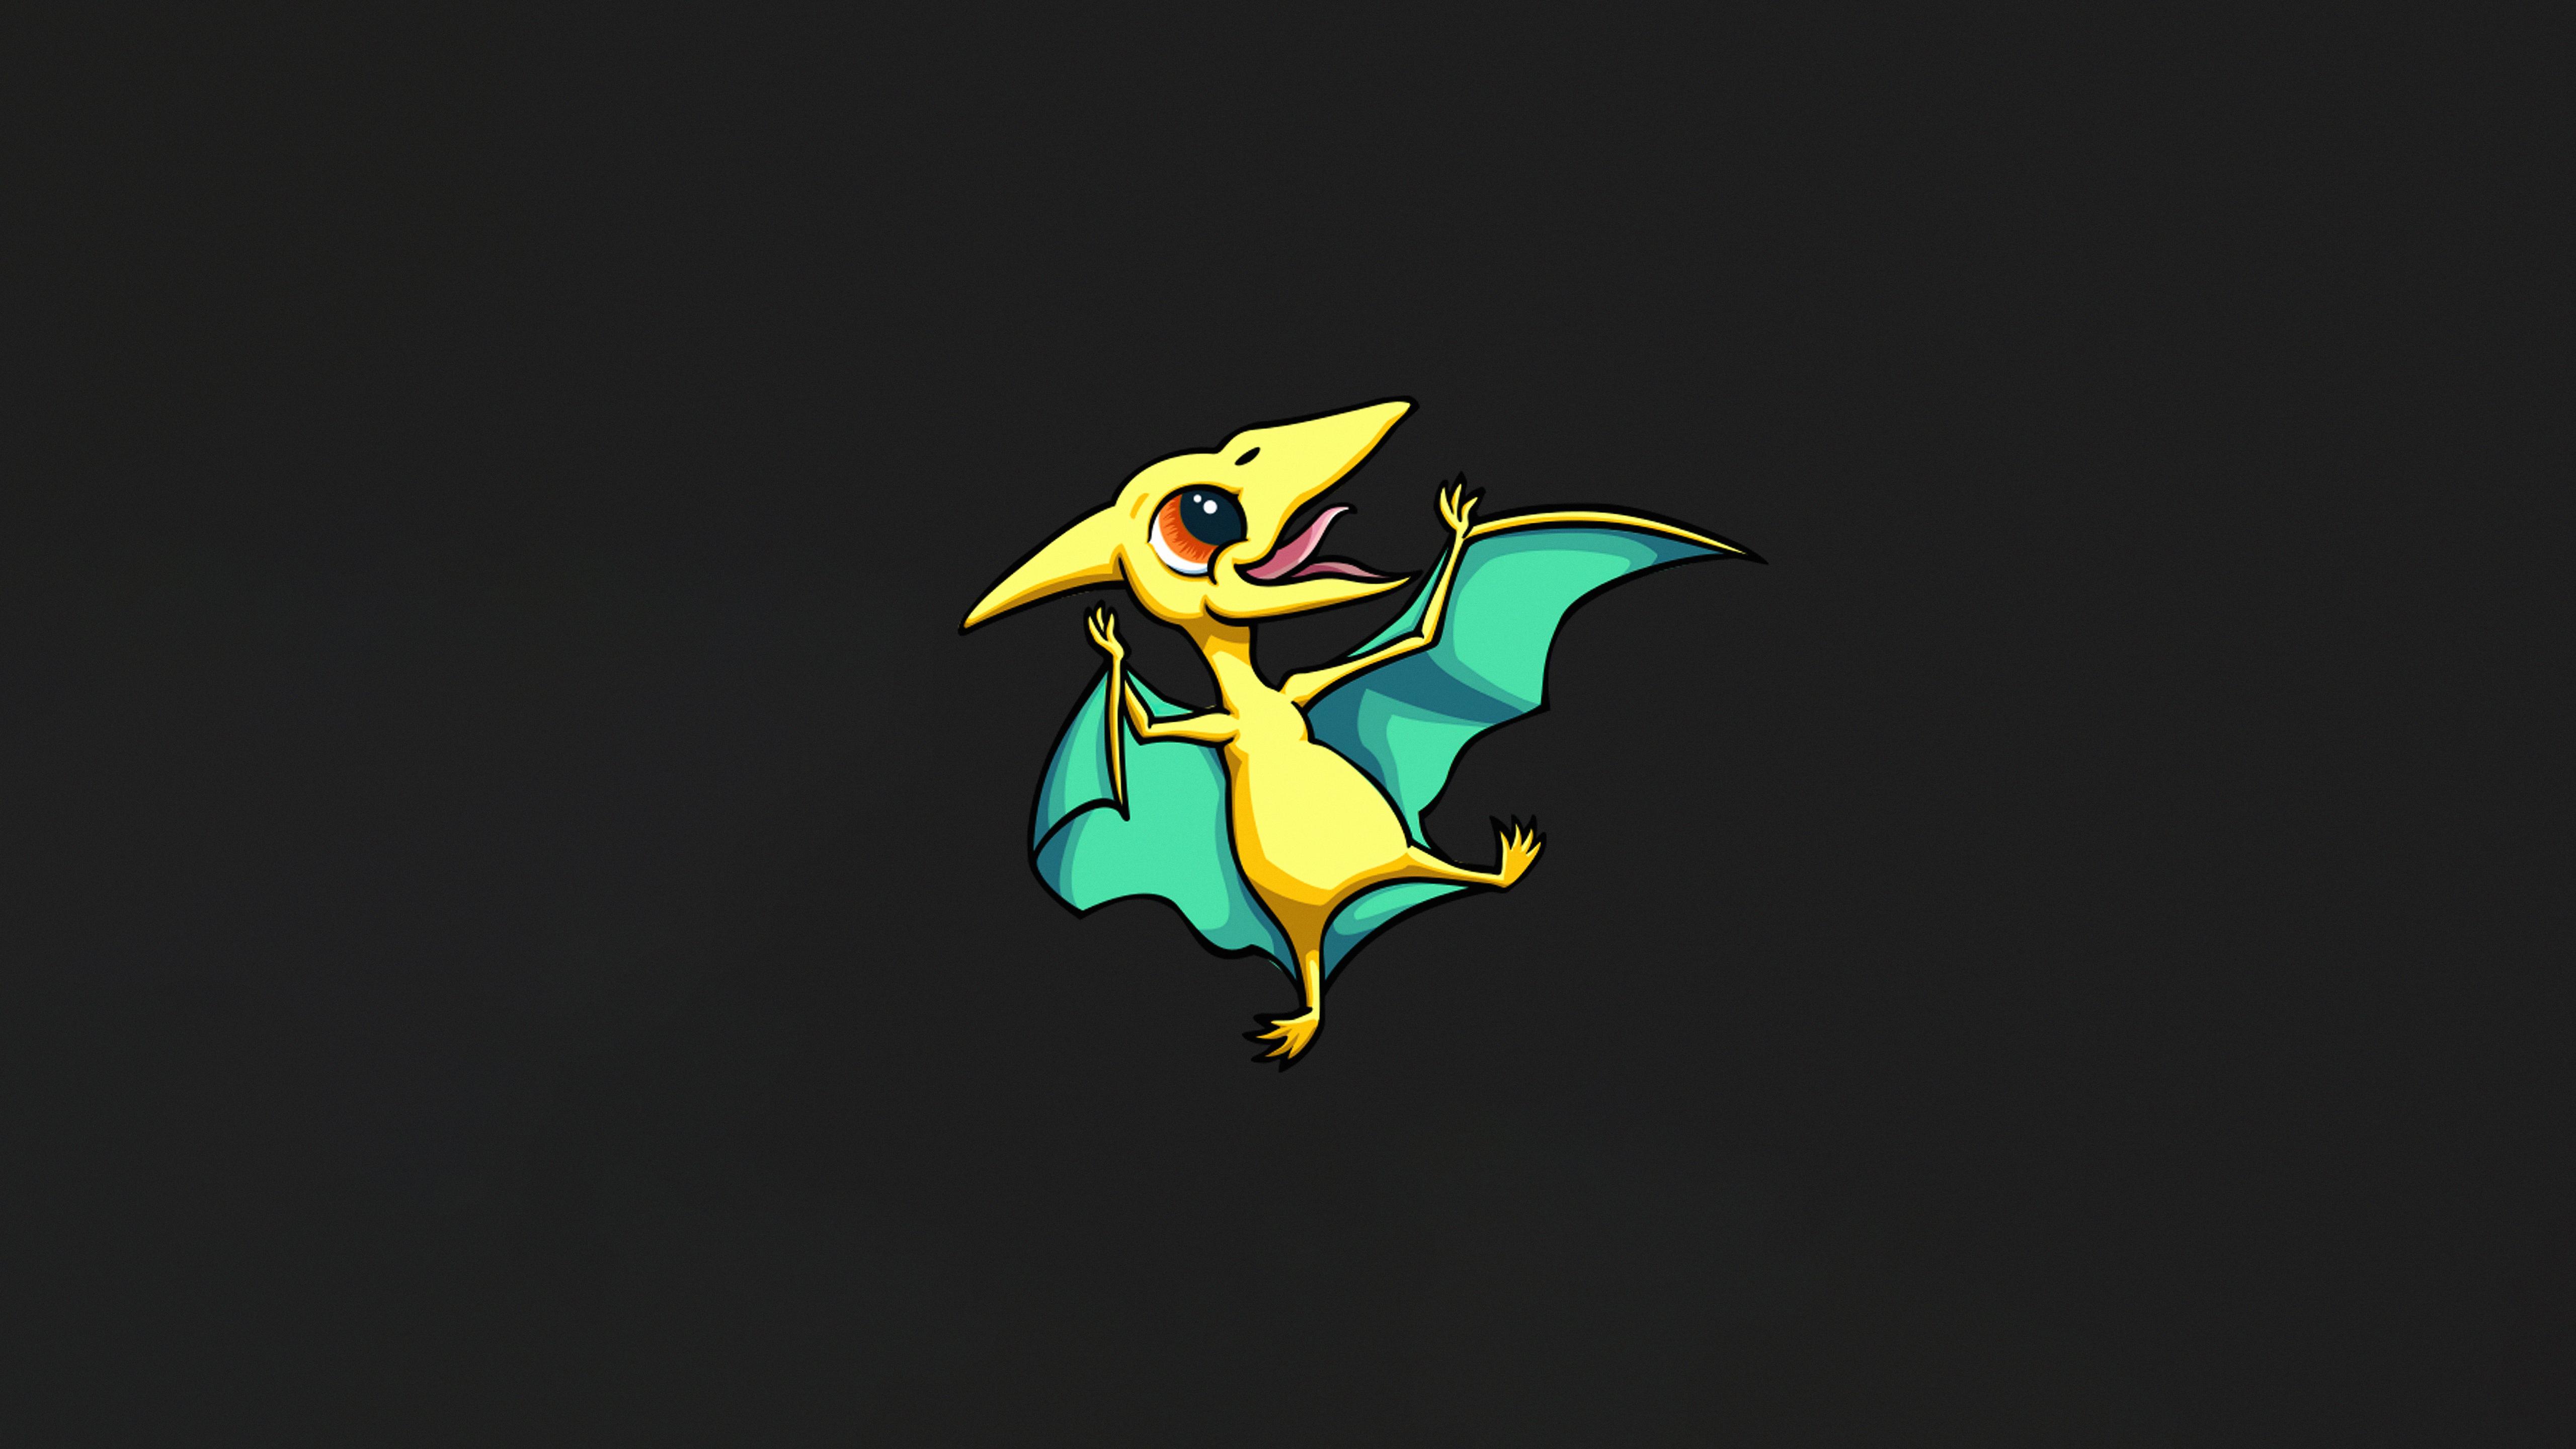 Fondos de pantalla Pequeño dragón Minimalista